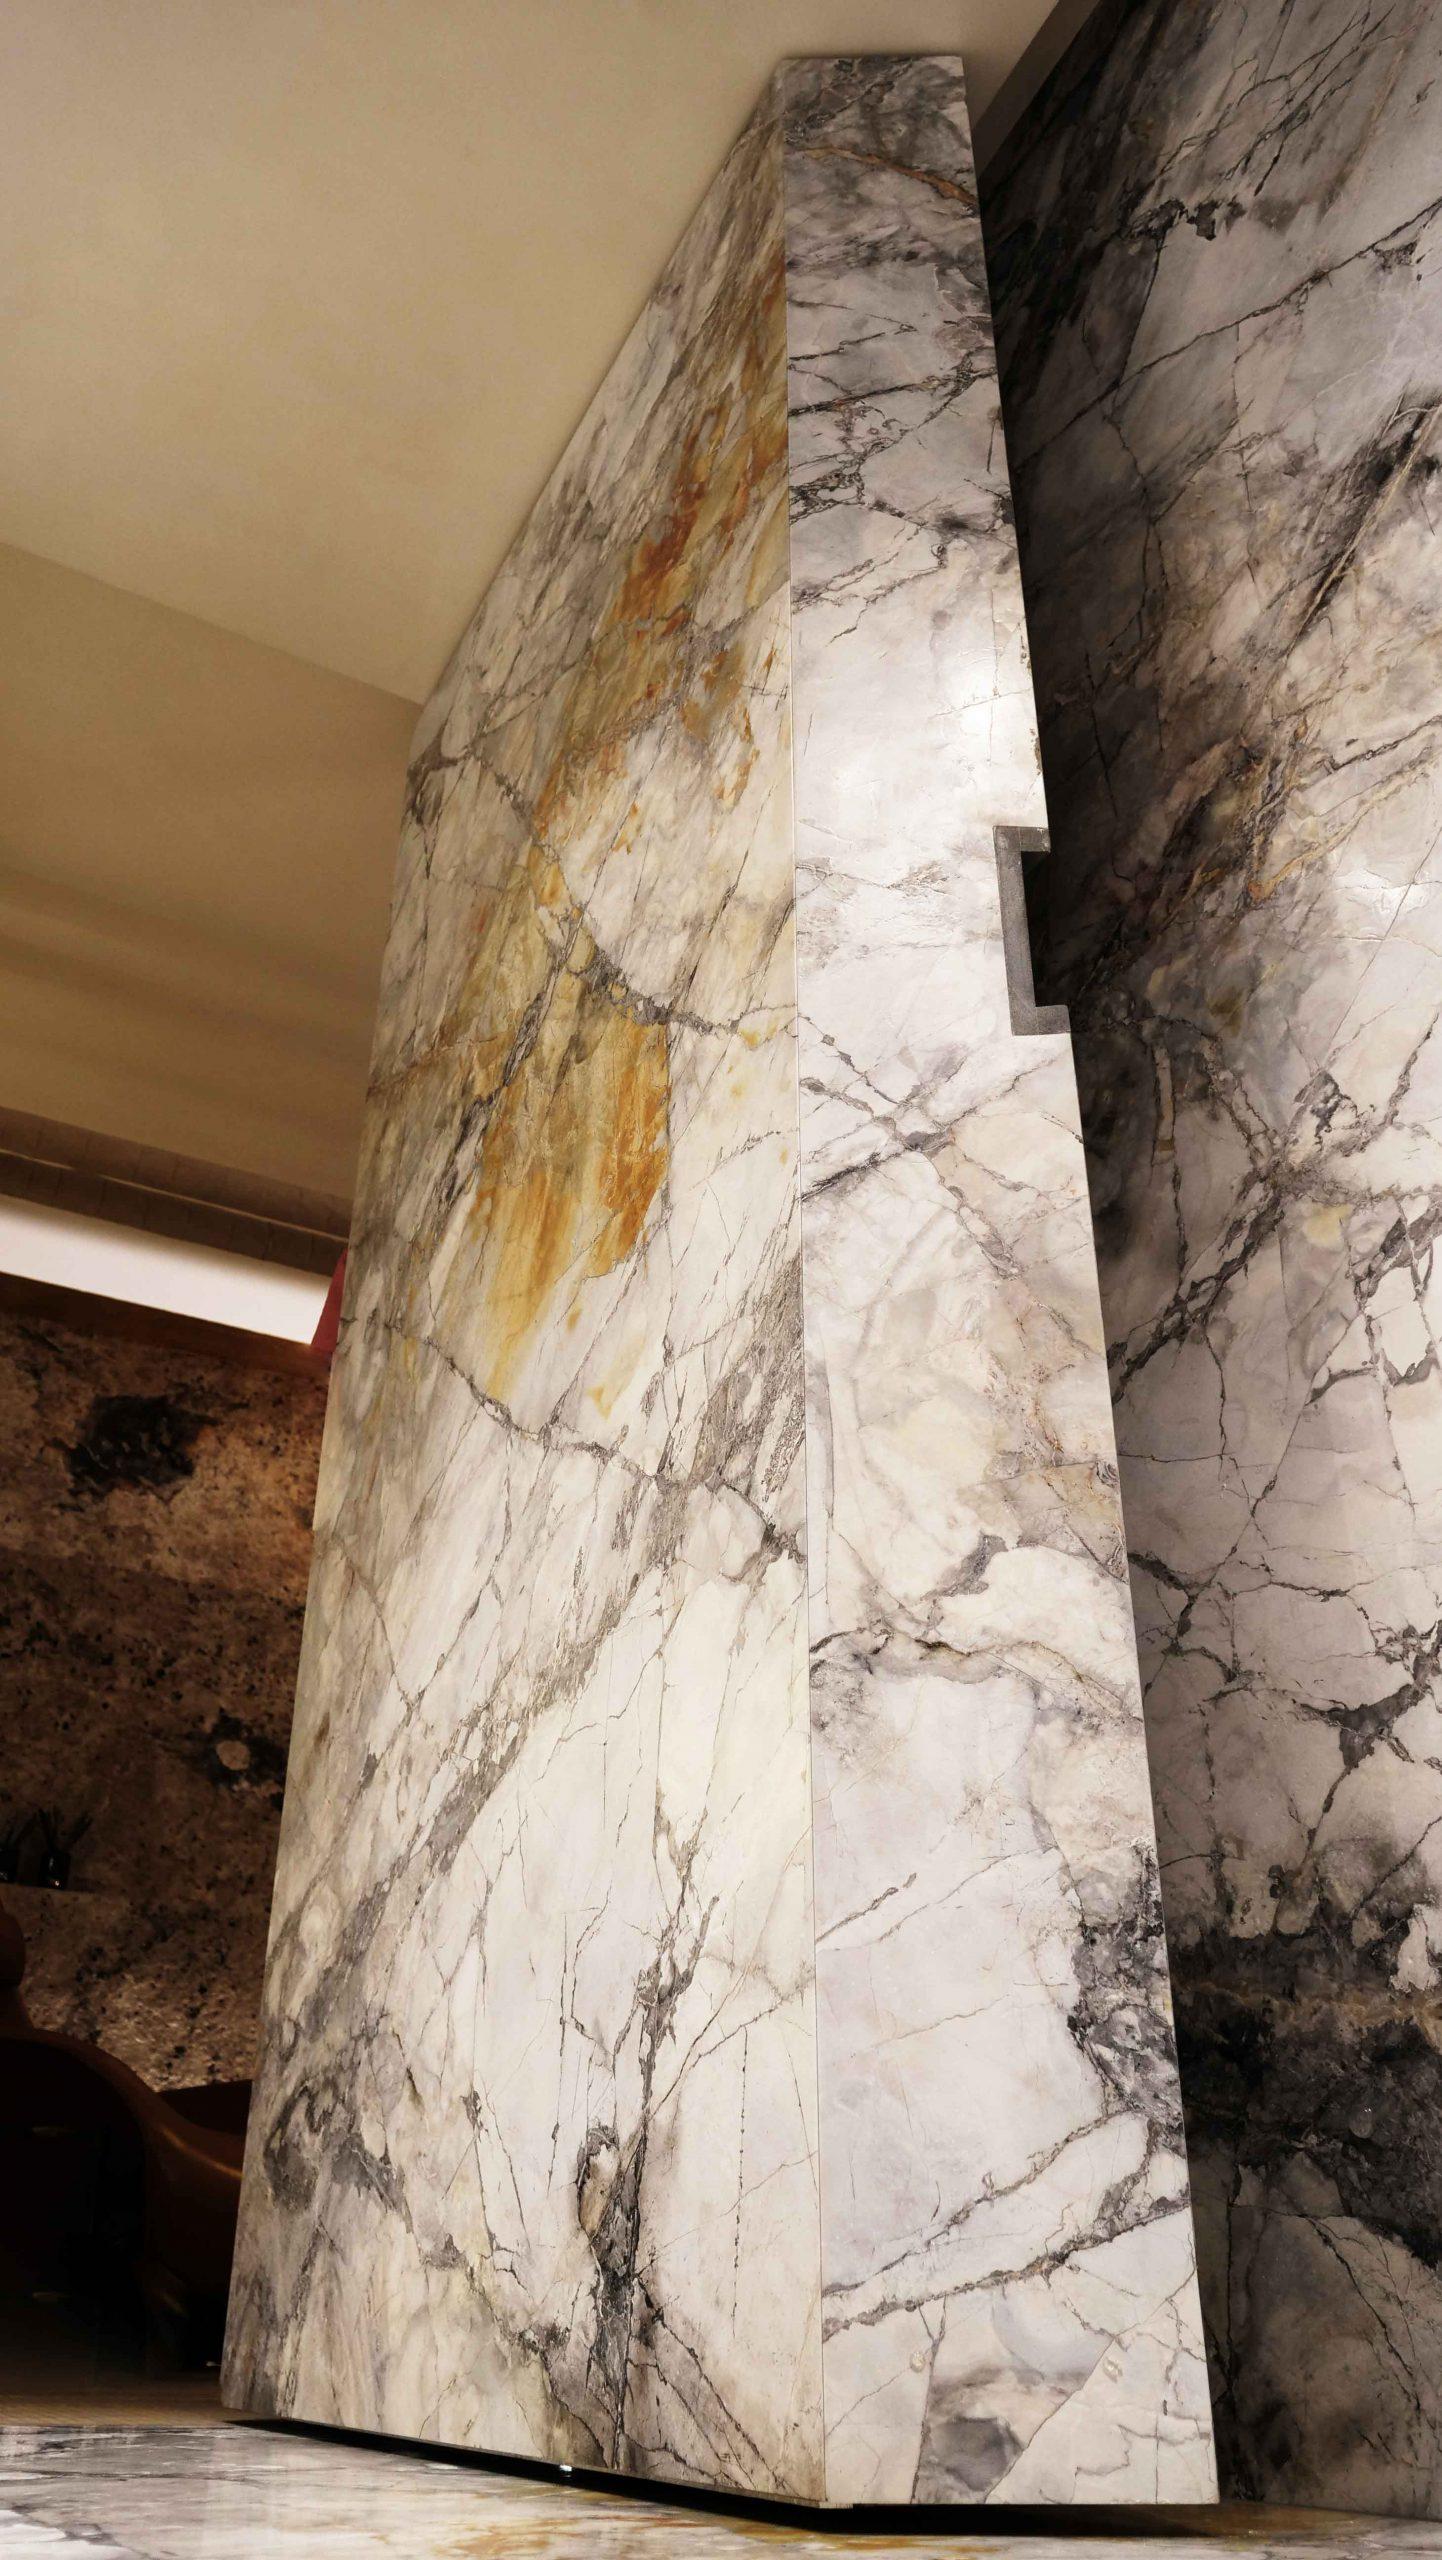 marble-oversized-door-in-marble-bathroom-fritsjurgens-pivot-hinges-inside-scaled.jpg